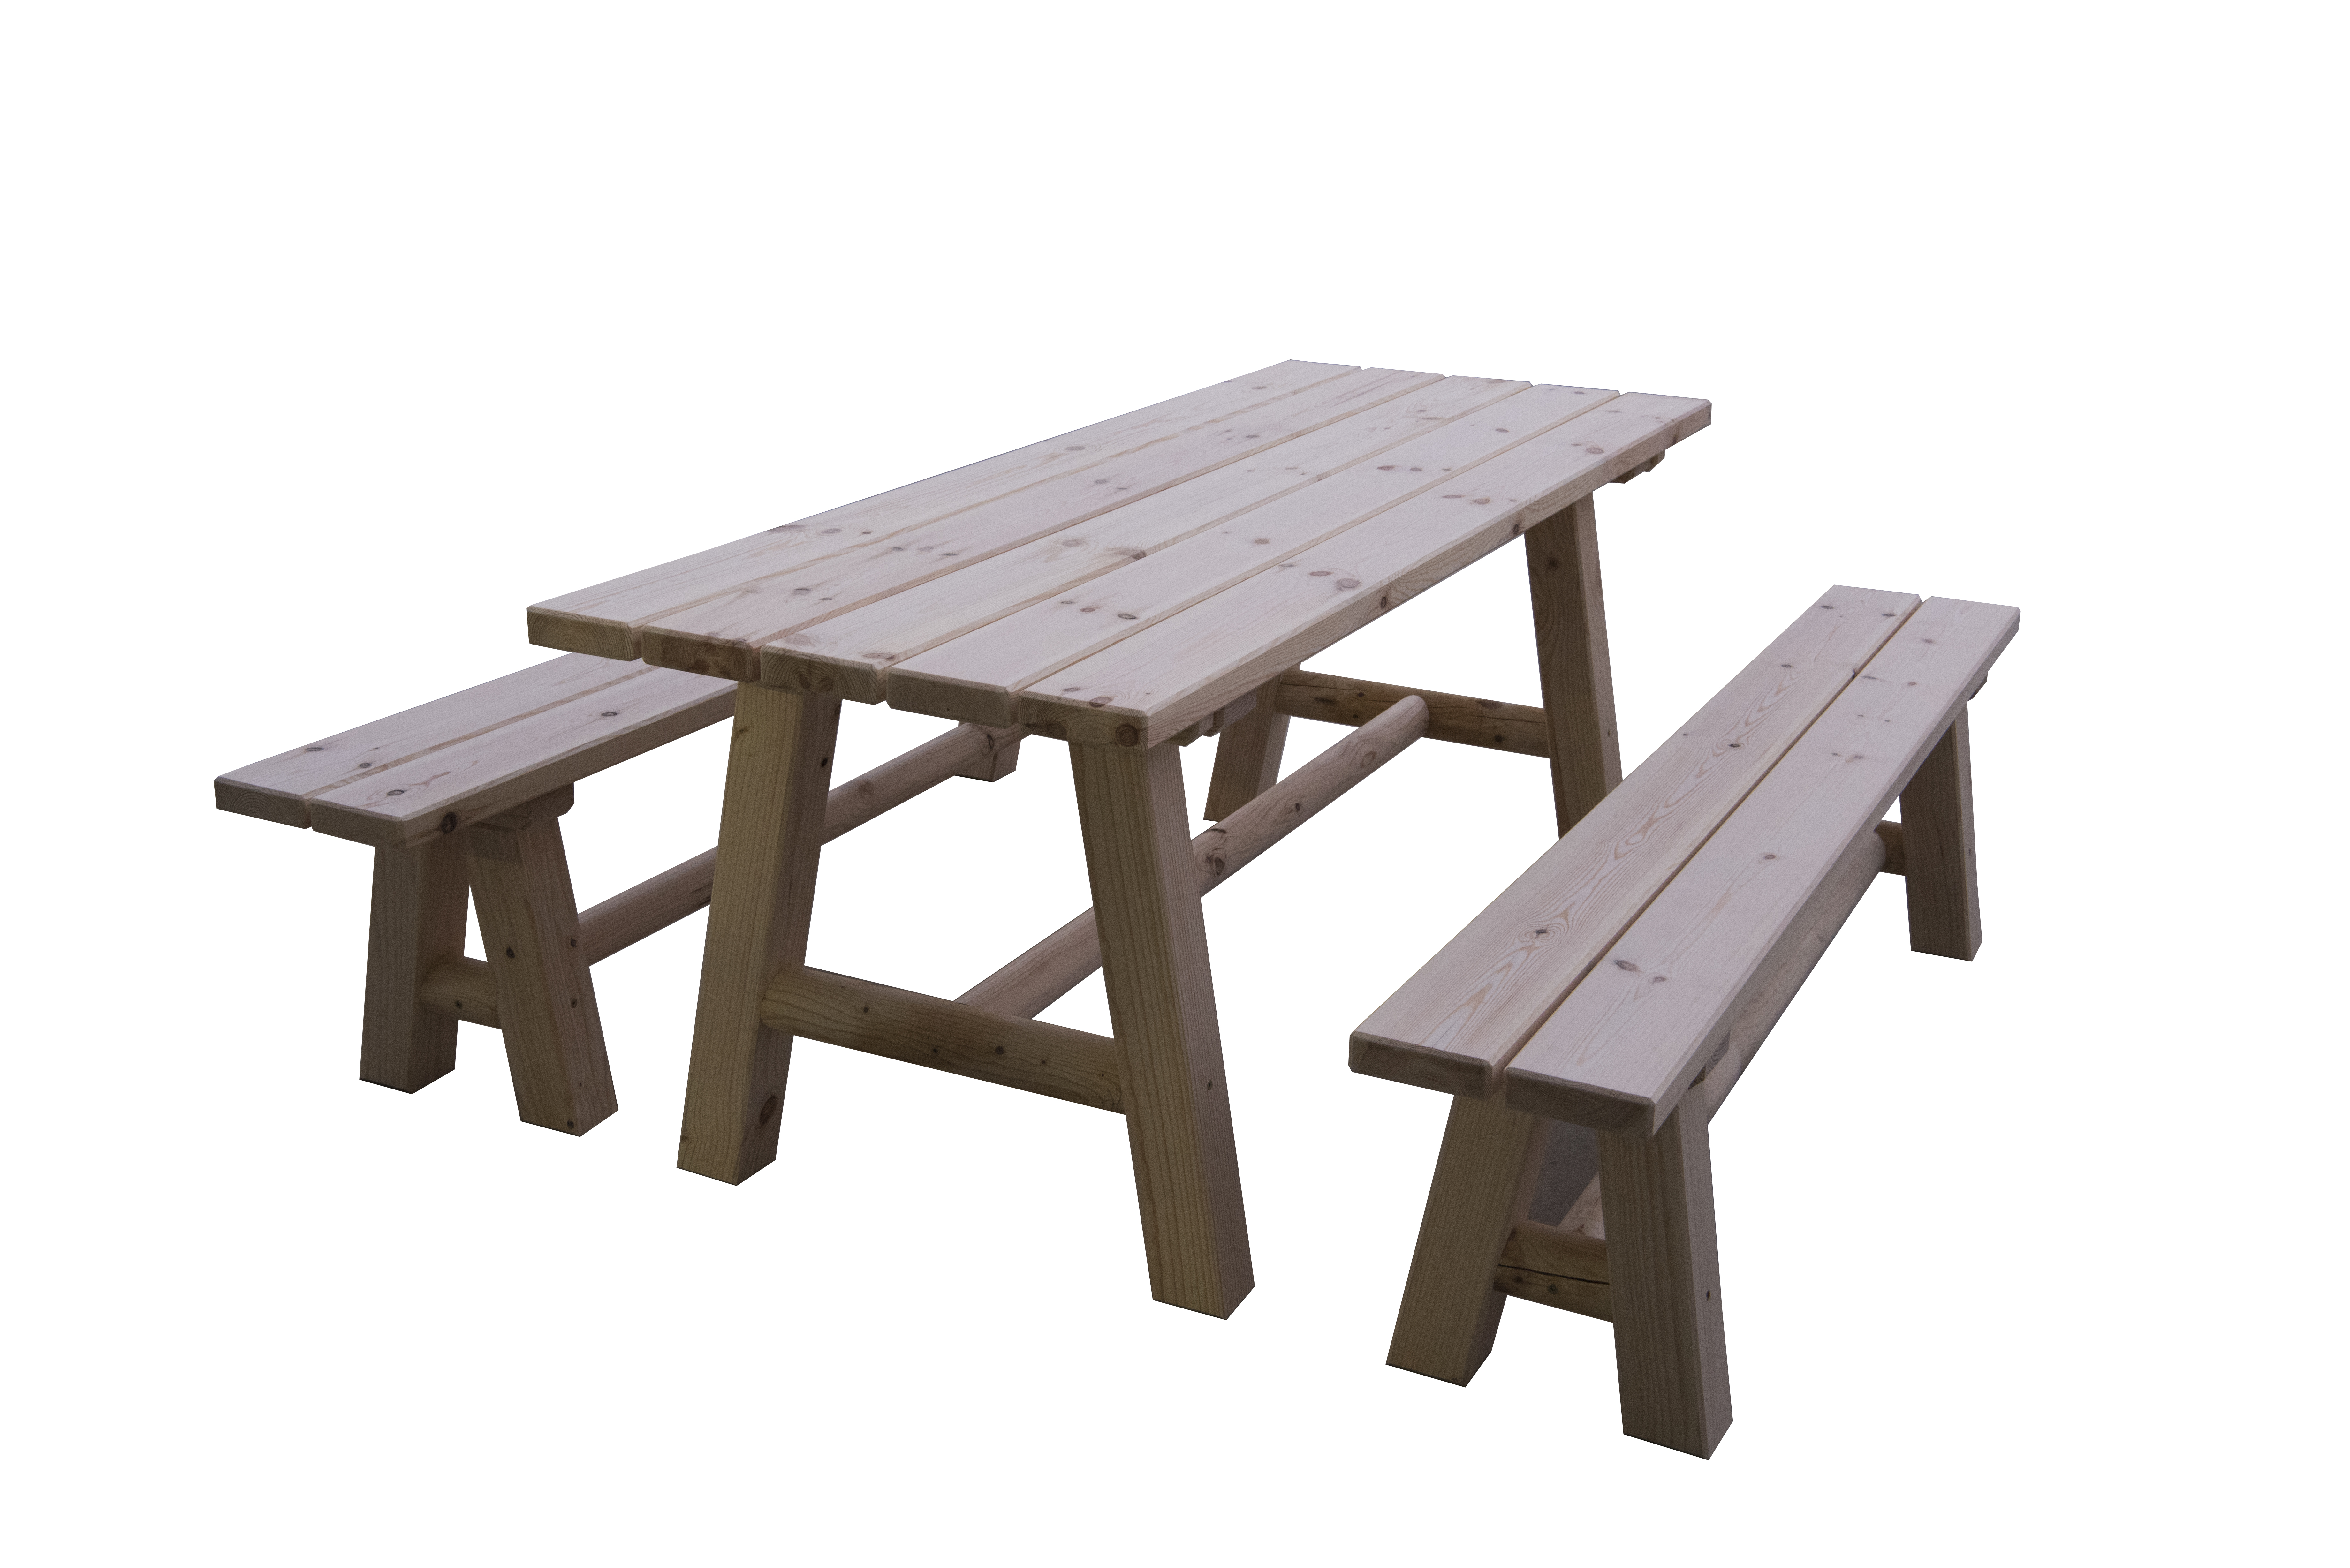 Bancos rusticos foto mesa para exterior con bancos - Bancos madera exterior ...